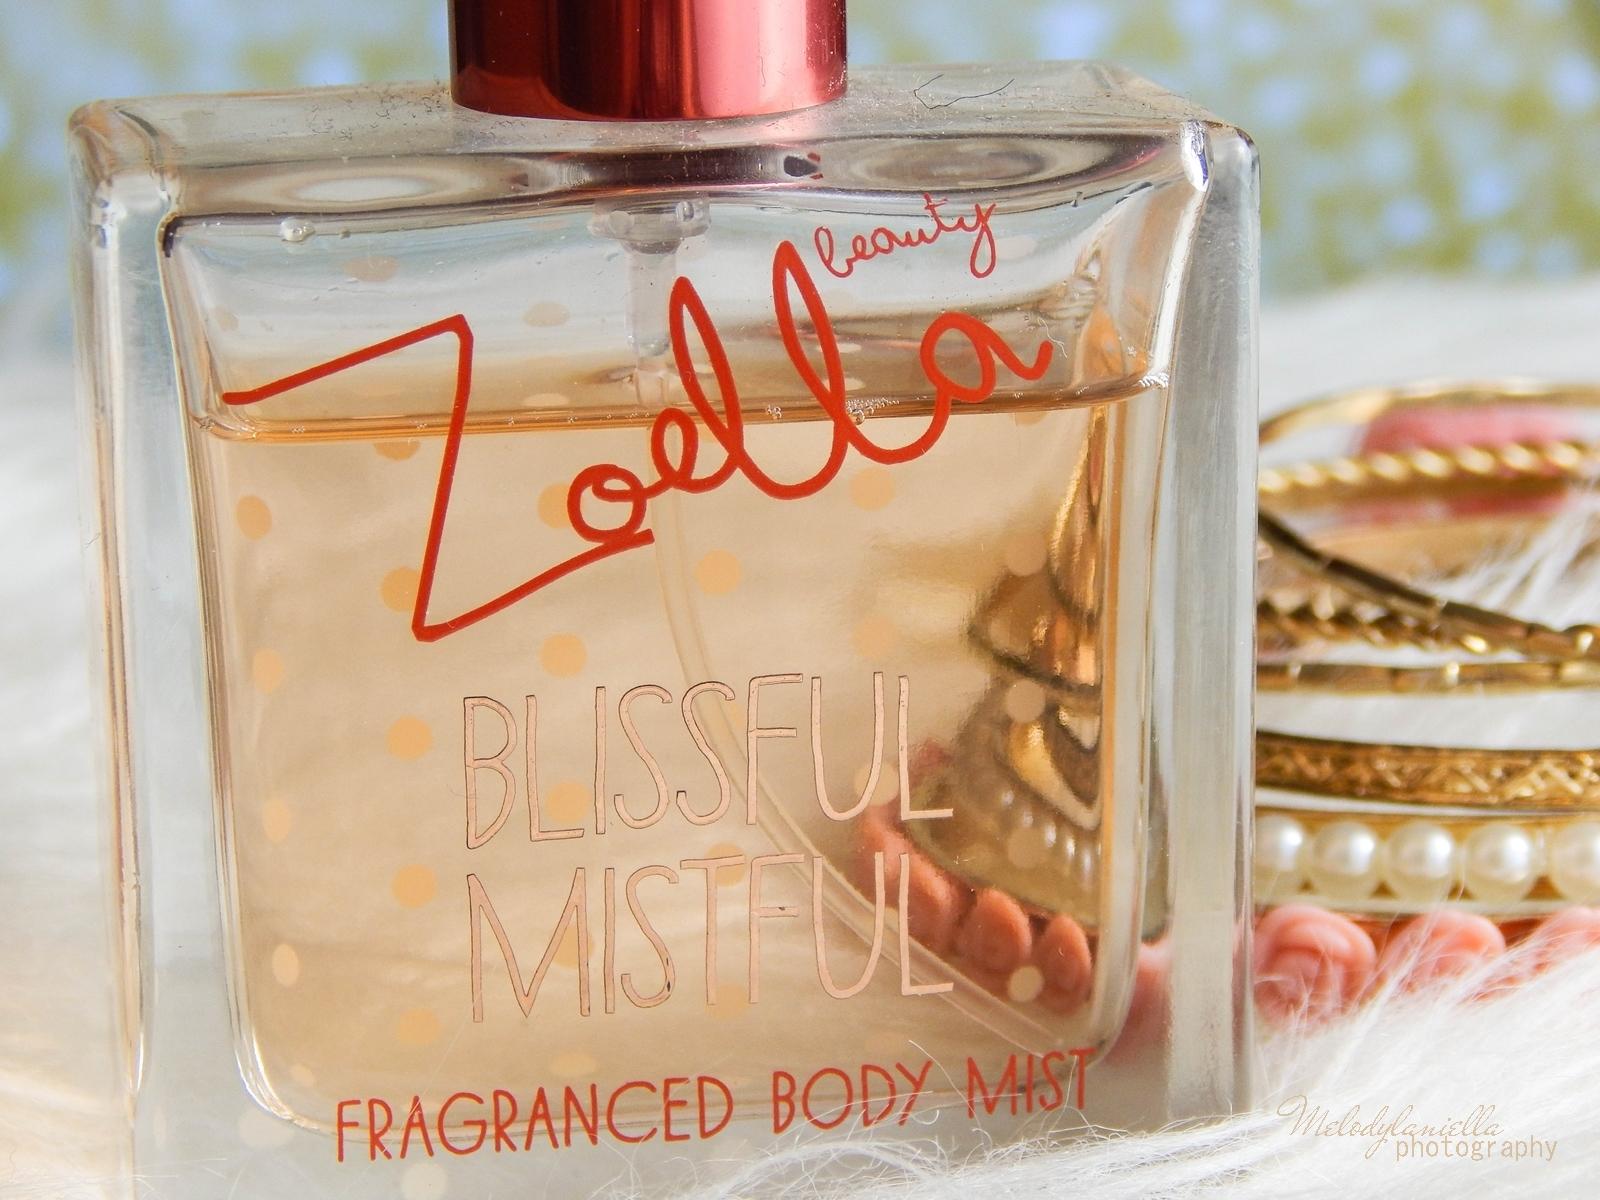 Zoella Blissful Mistful perfumy Zoella Beauty Superdrug recenzja kosmetyki Zoe Sugg moje ulubione perfumy na zimę melodylaniella style lifestyle blog ciekawe zoella